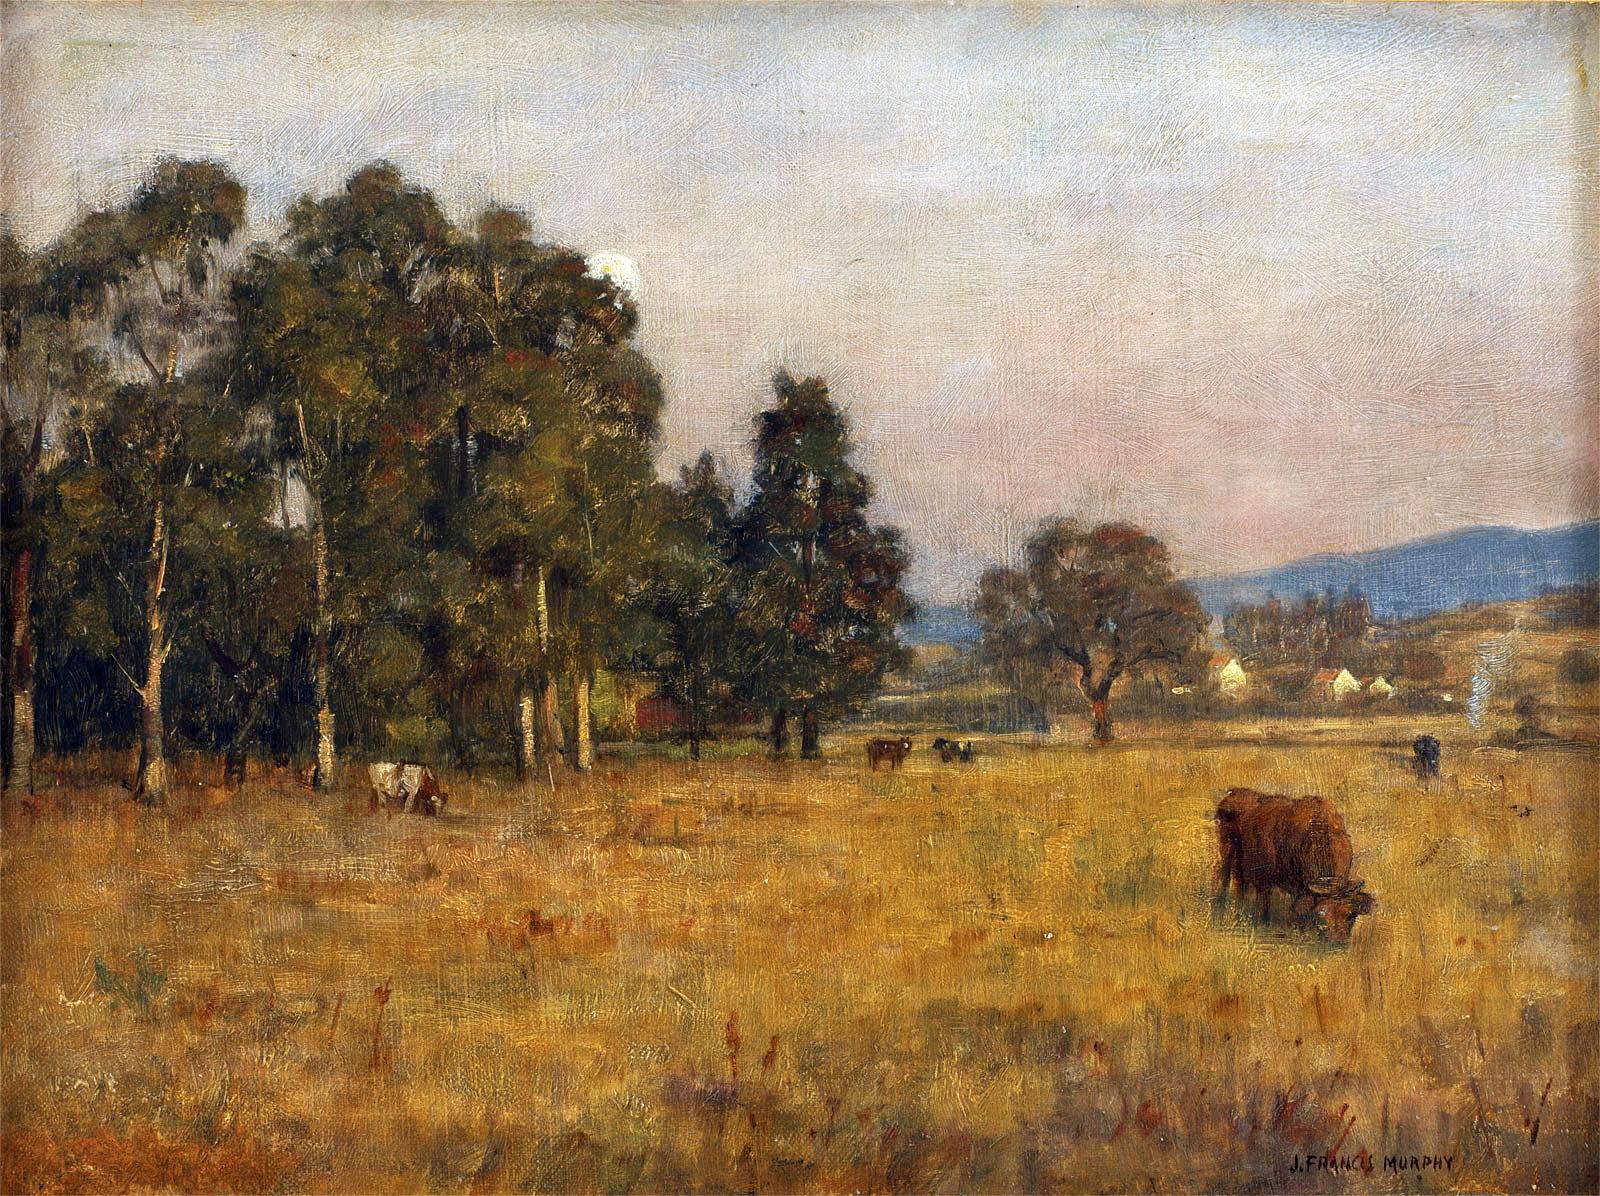 19th century American Paintings: John Francis Murphy